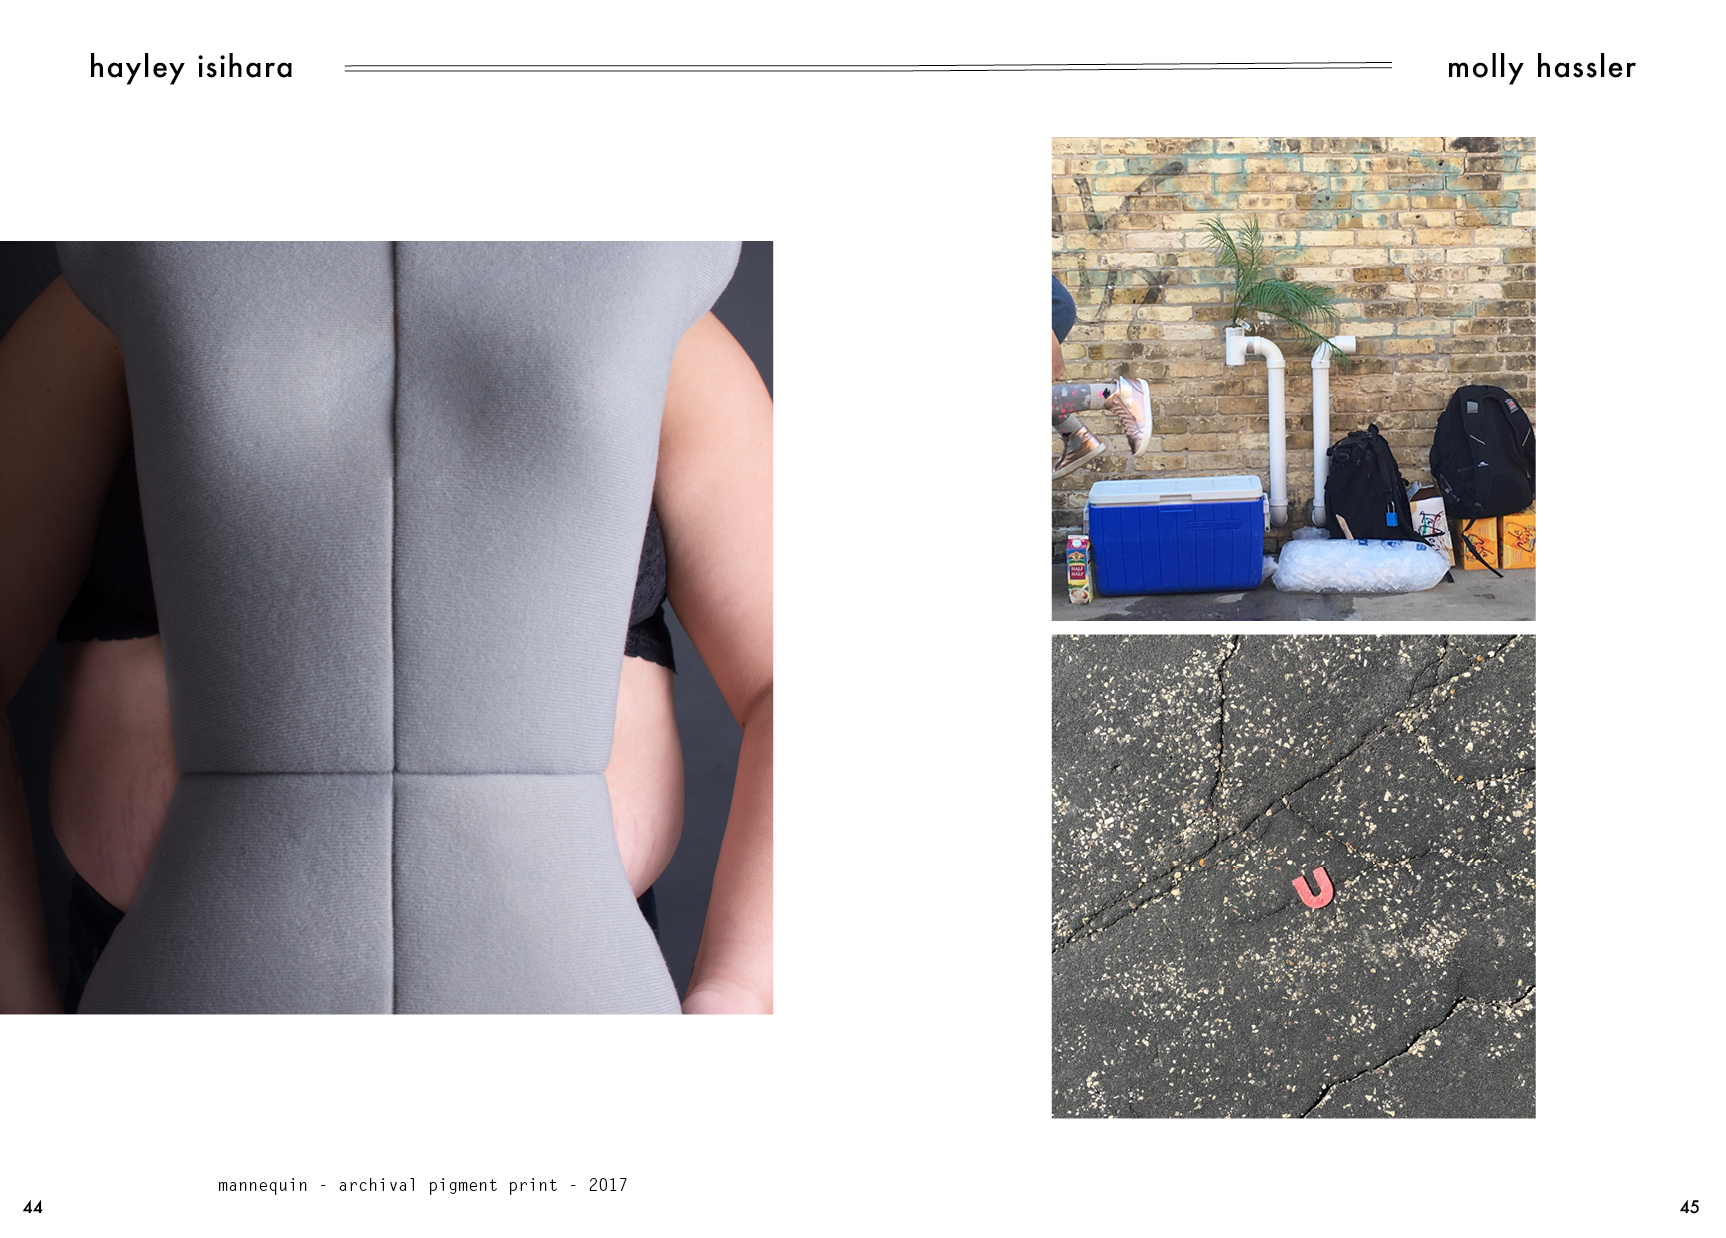 duomo-5-website26.png